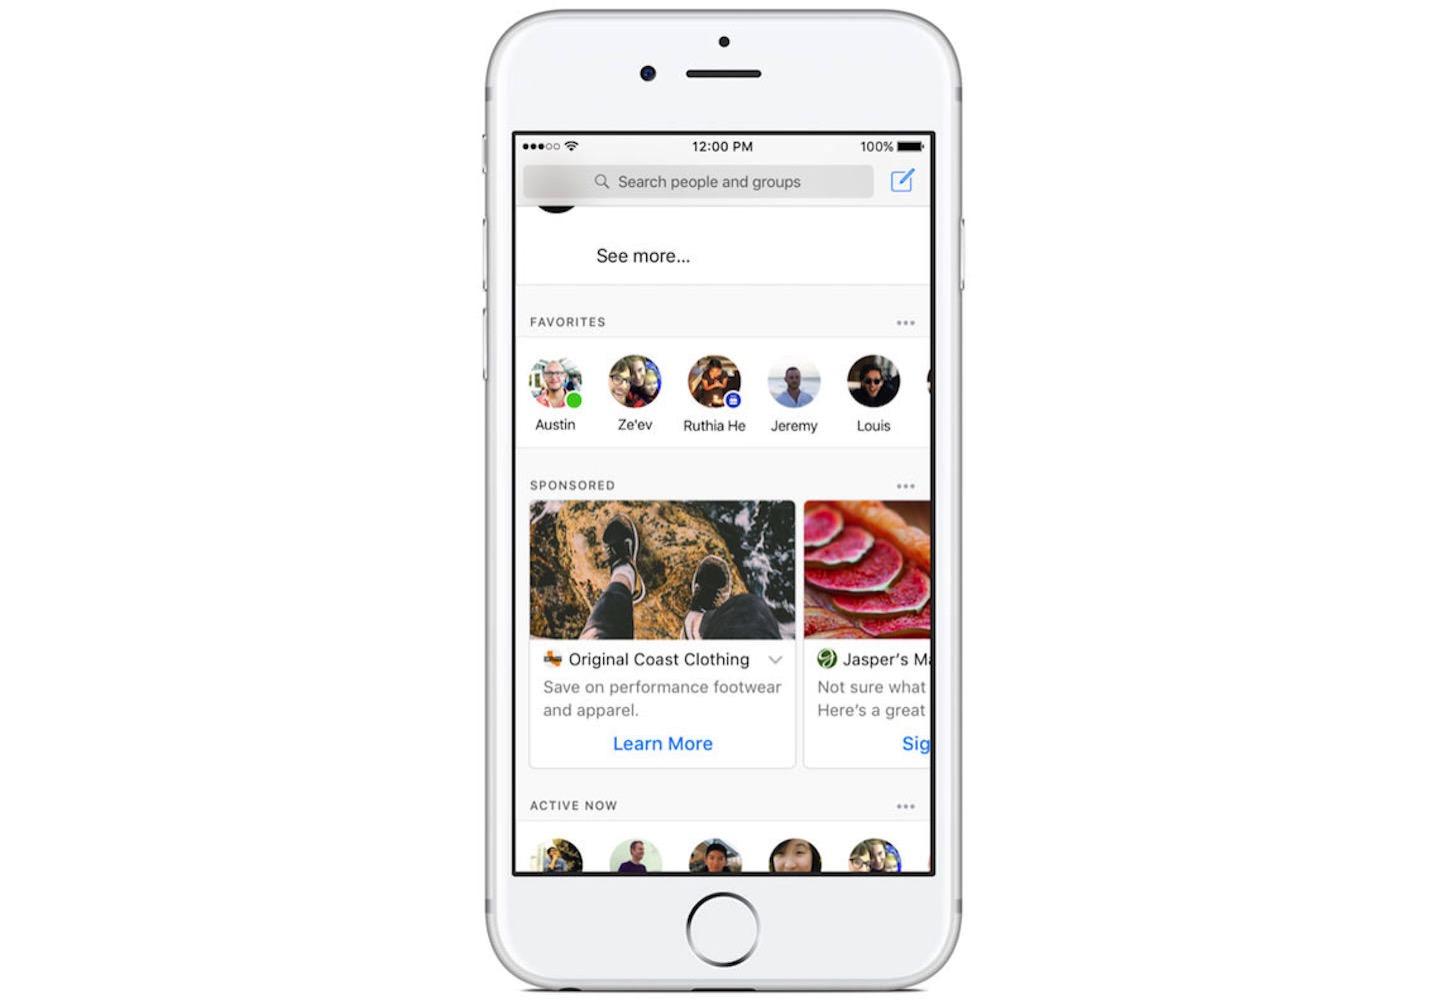 Ads in Facebook Messenger